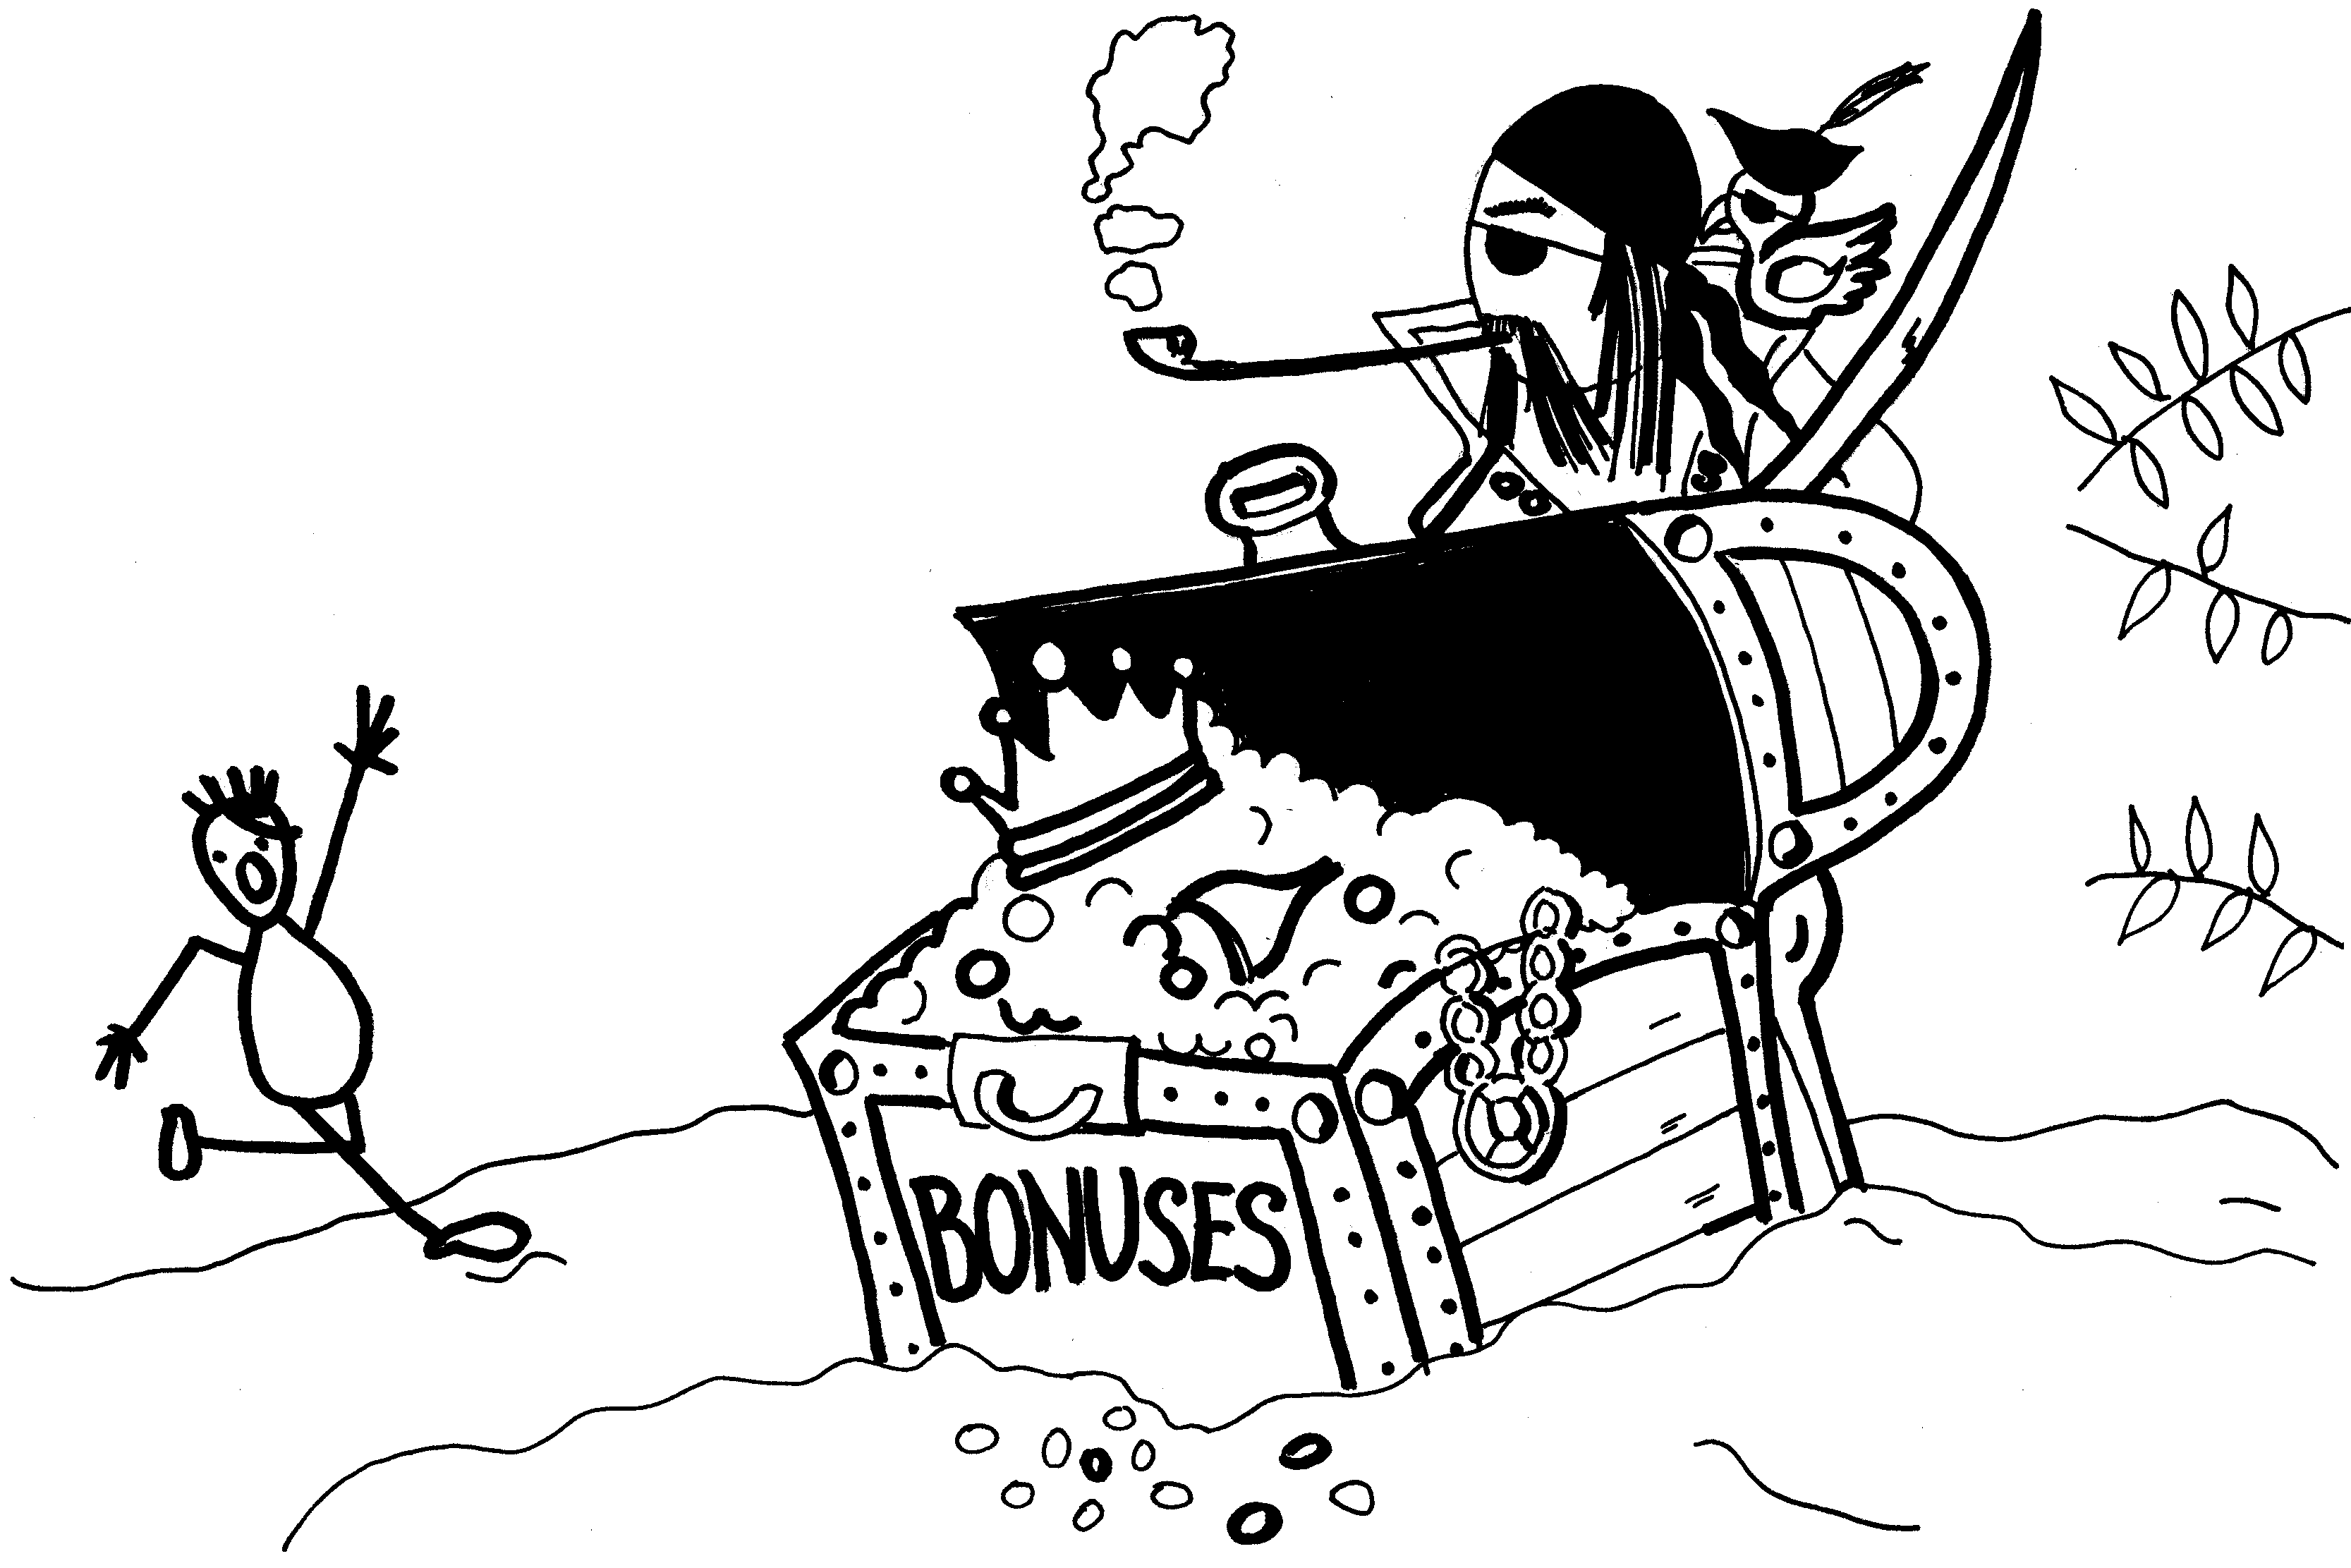 Ilustracny Obrazok Pirat 3:2